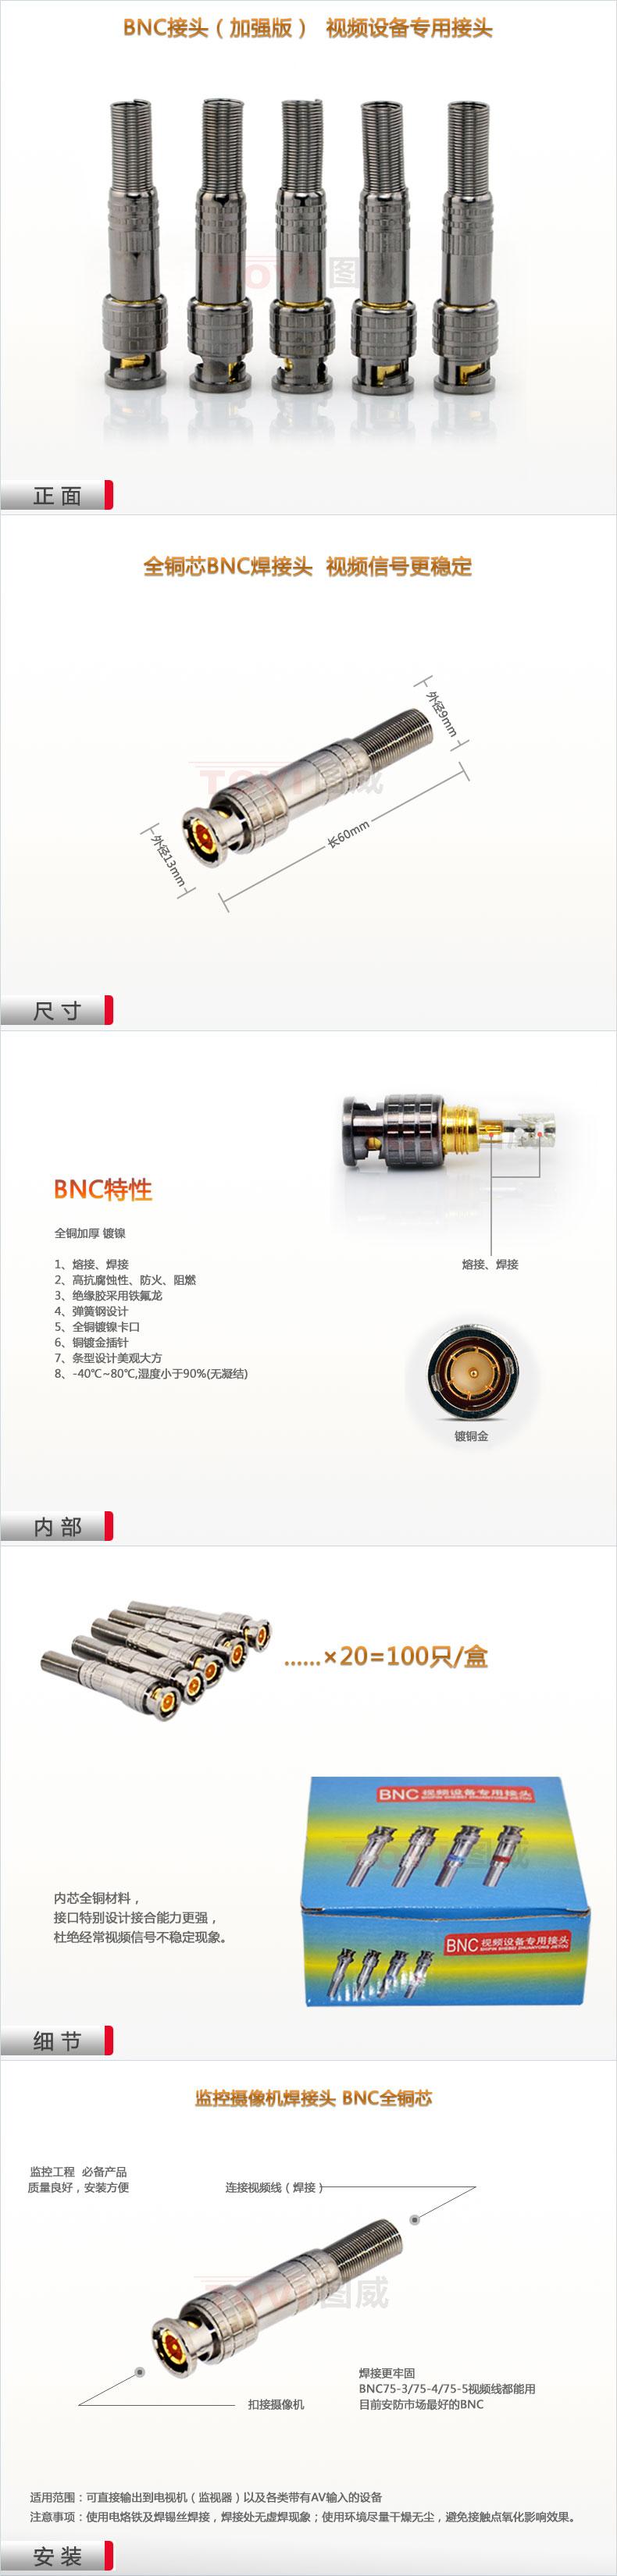 全铜加厚TV-BNC-A接头--全铜Q9头主图及细节展示